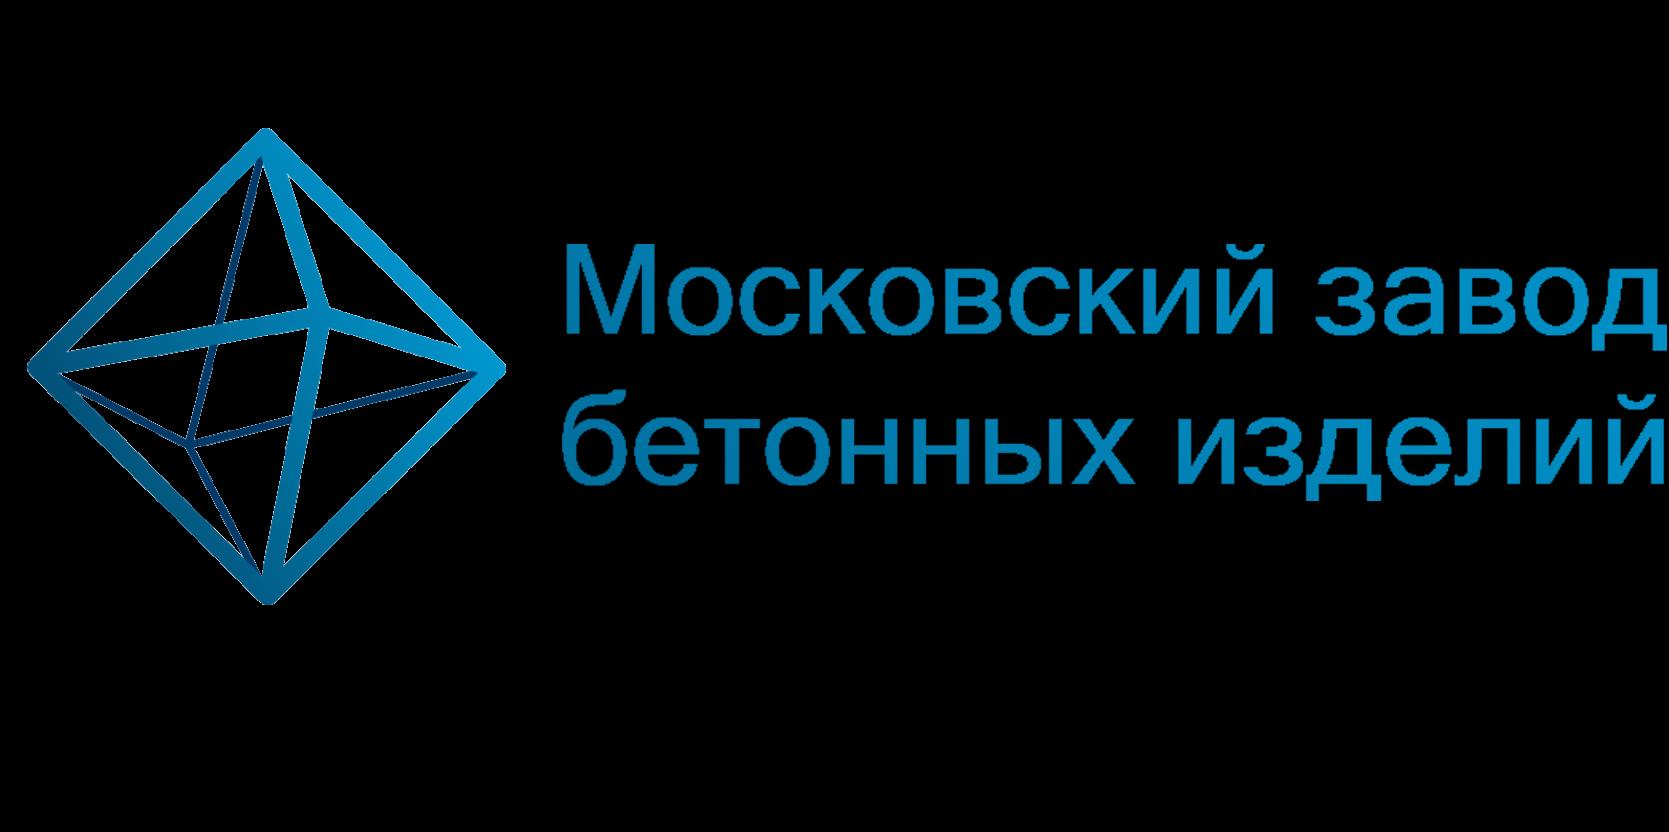 Московский завод бетонных изделий